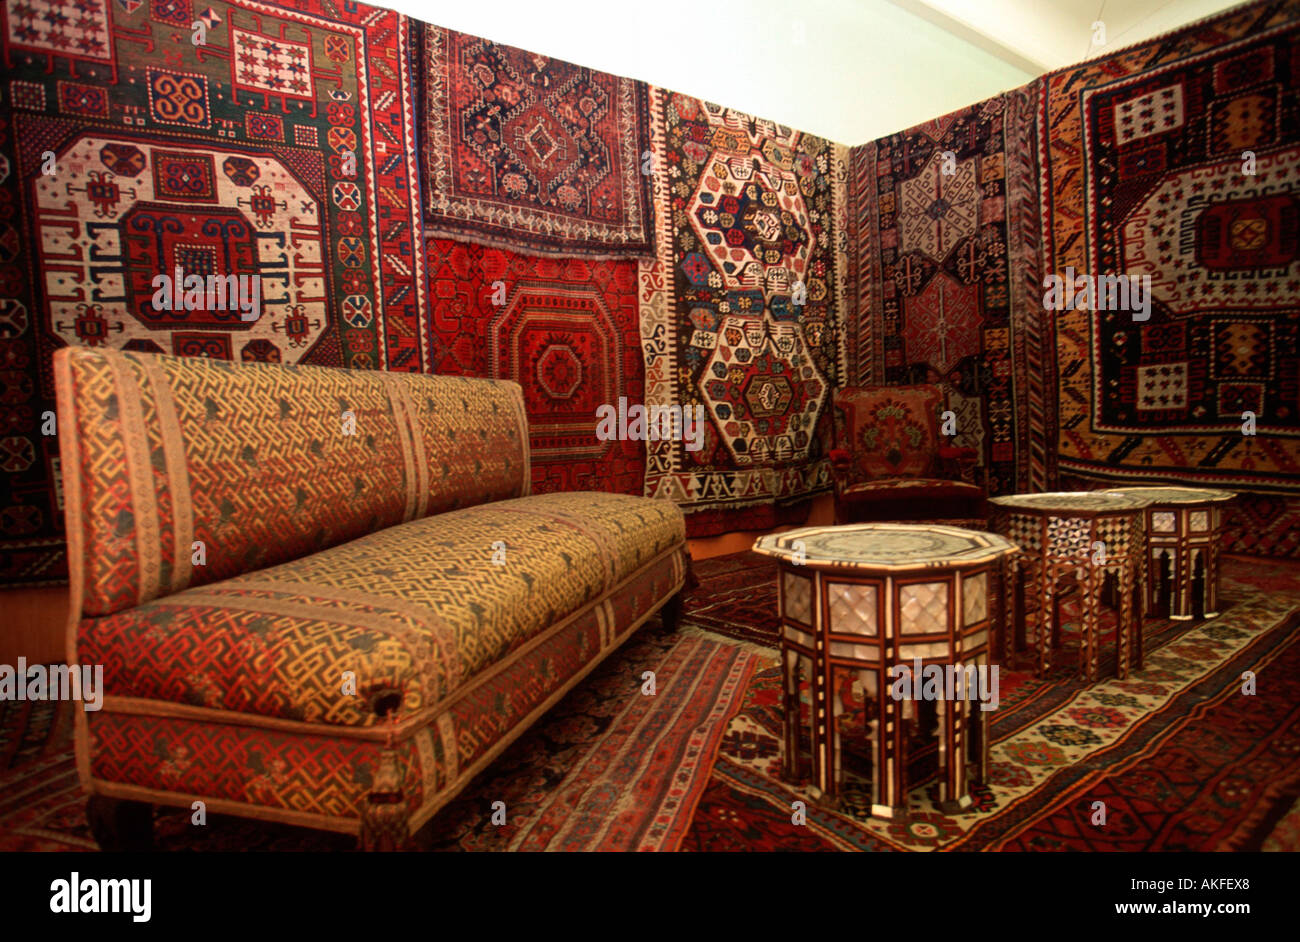 3682620fa5c839 Möbel Museum Wien Stock Photos   Möbel Museum Wien Stock Images - Alamy